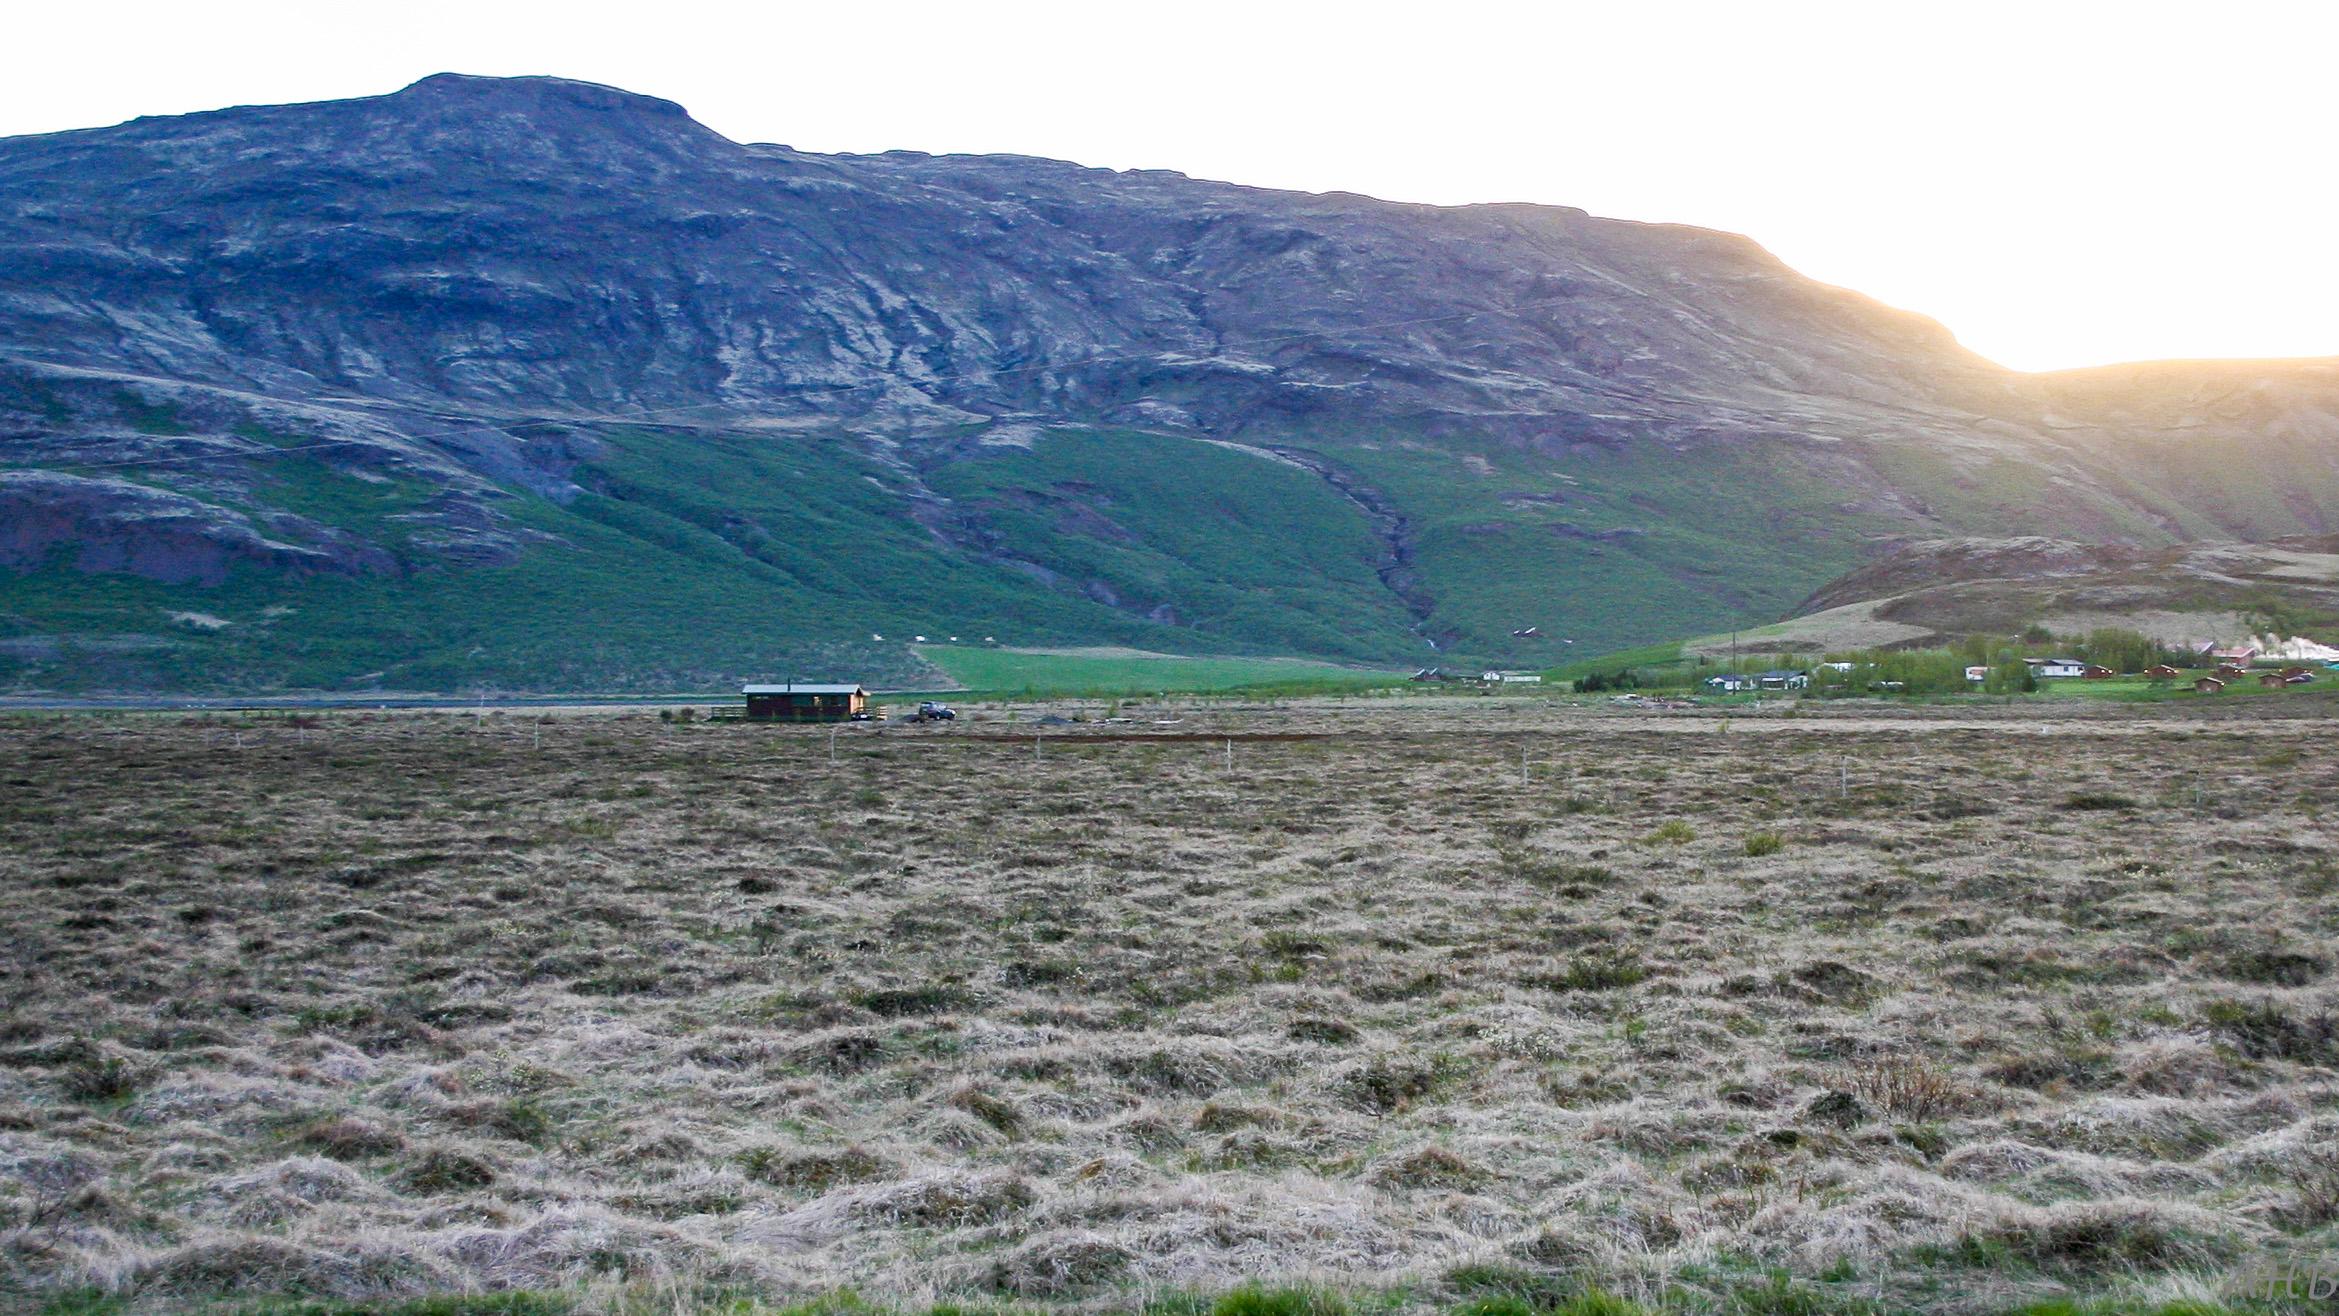 Ekki var mikill gróður árið í maí 2004. Kofinn í fjarska.